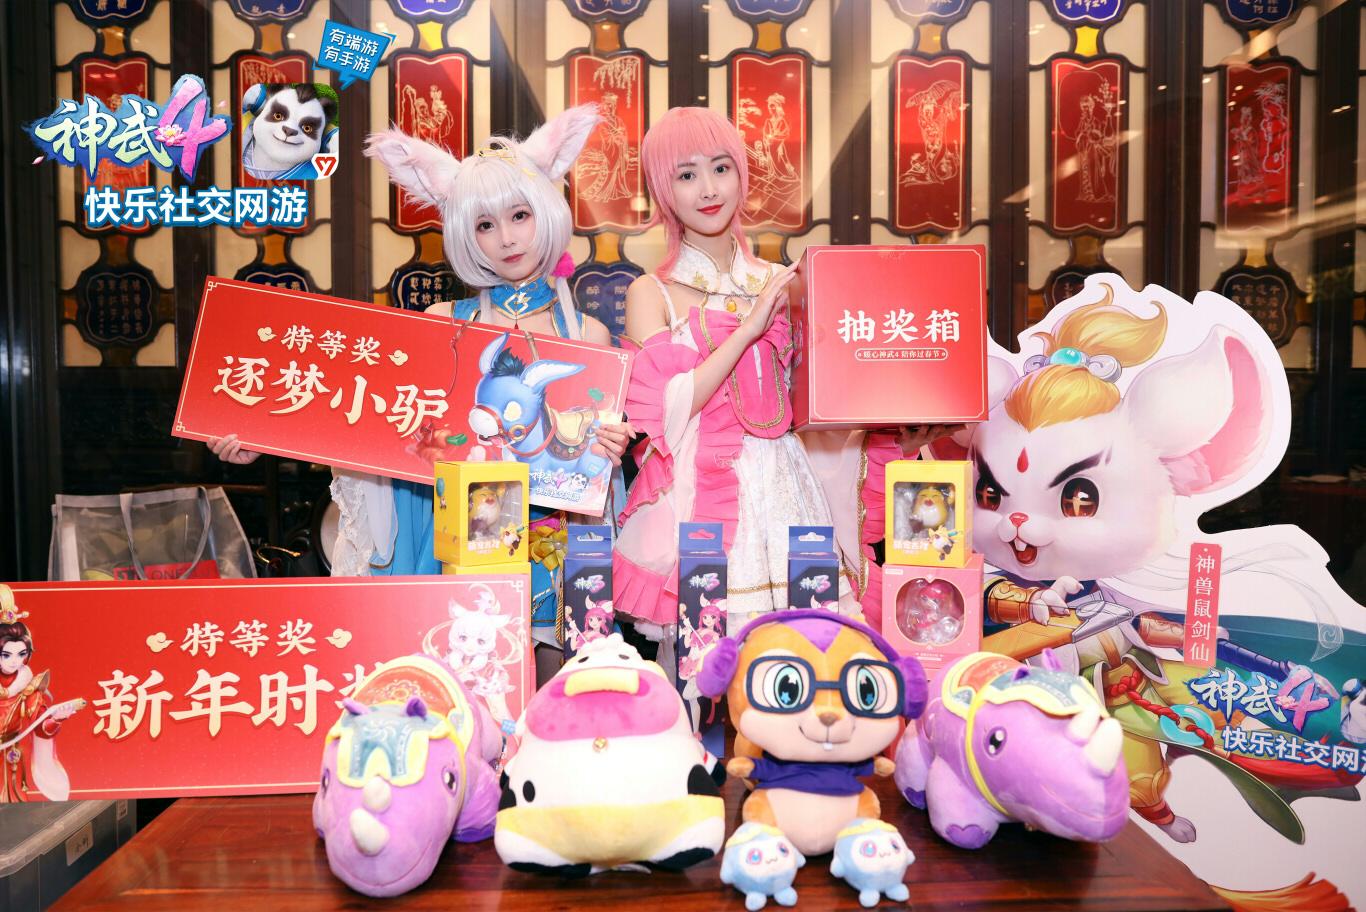 神武团圆宴-广州站coser